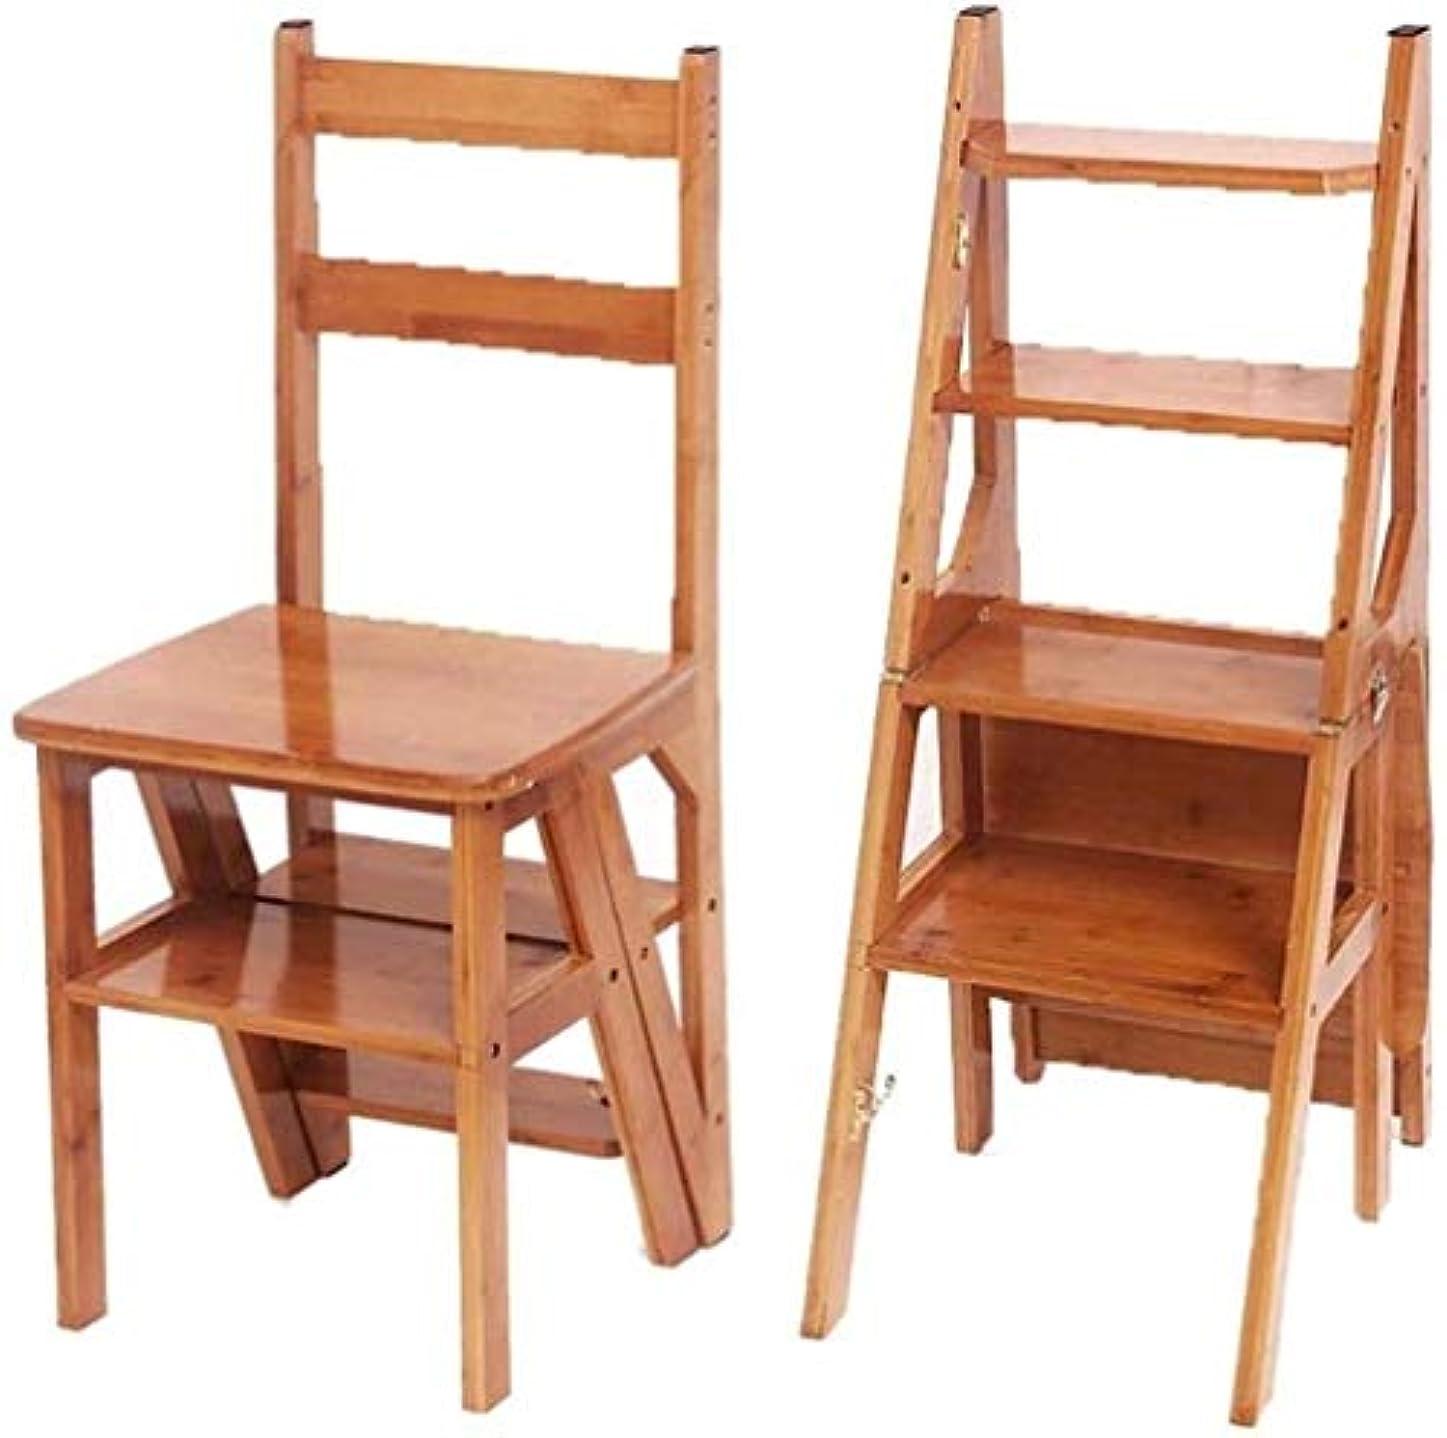 文回転する危険を冒します踏み台 家庭4層ラダースツール折りたたみステップスツール竹スツール多機能ラダー椅子キッチンステップスツール 脚立 (Color : Log Color)